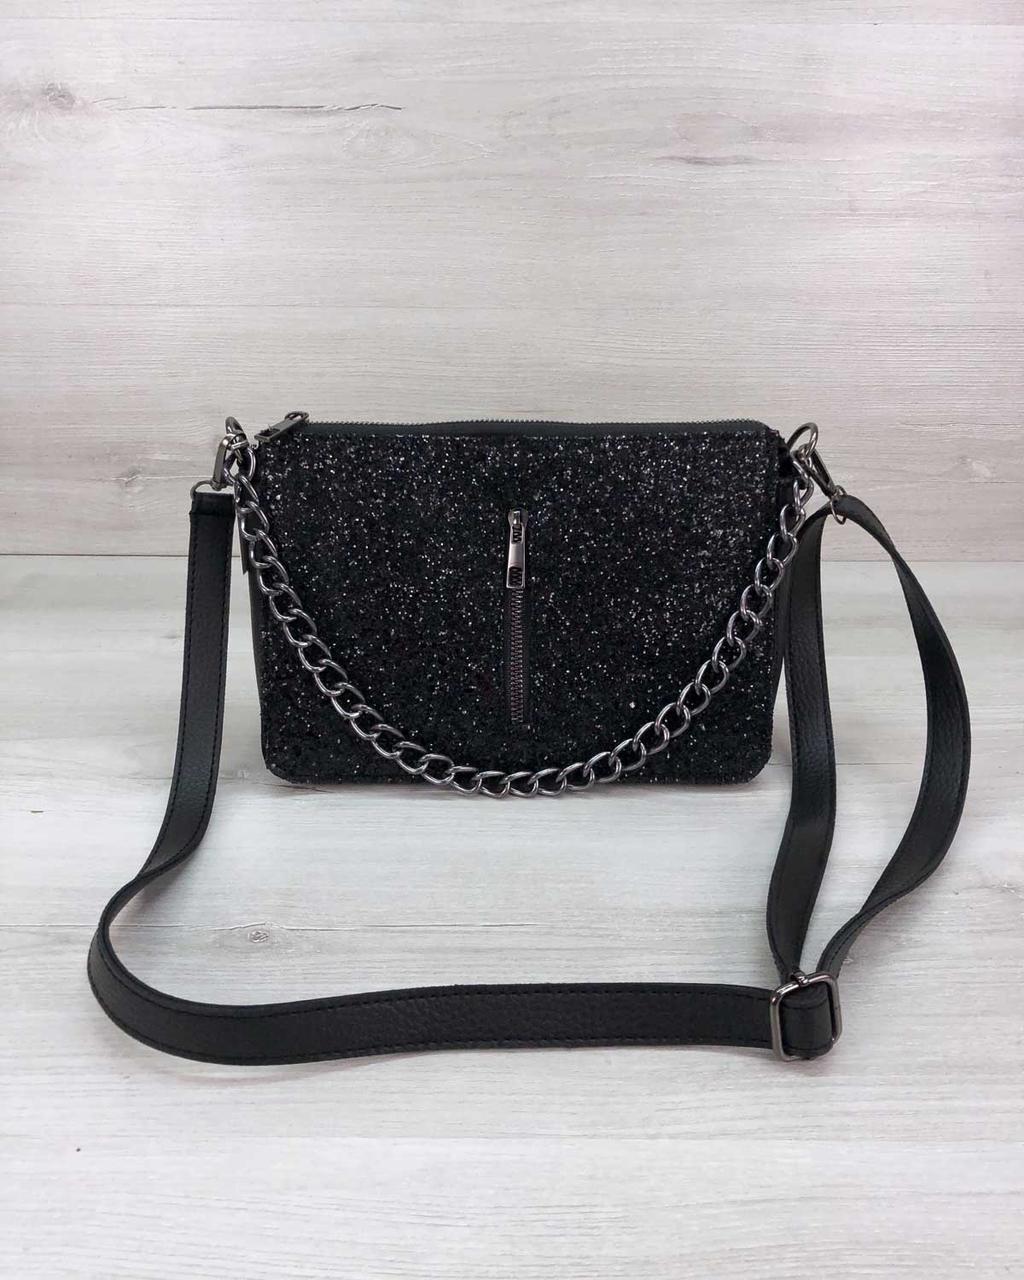 Молодіжна жіноча сумочка клатч чорного кольору на плечовому ремені з ланцюжком